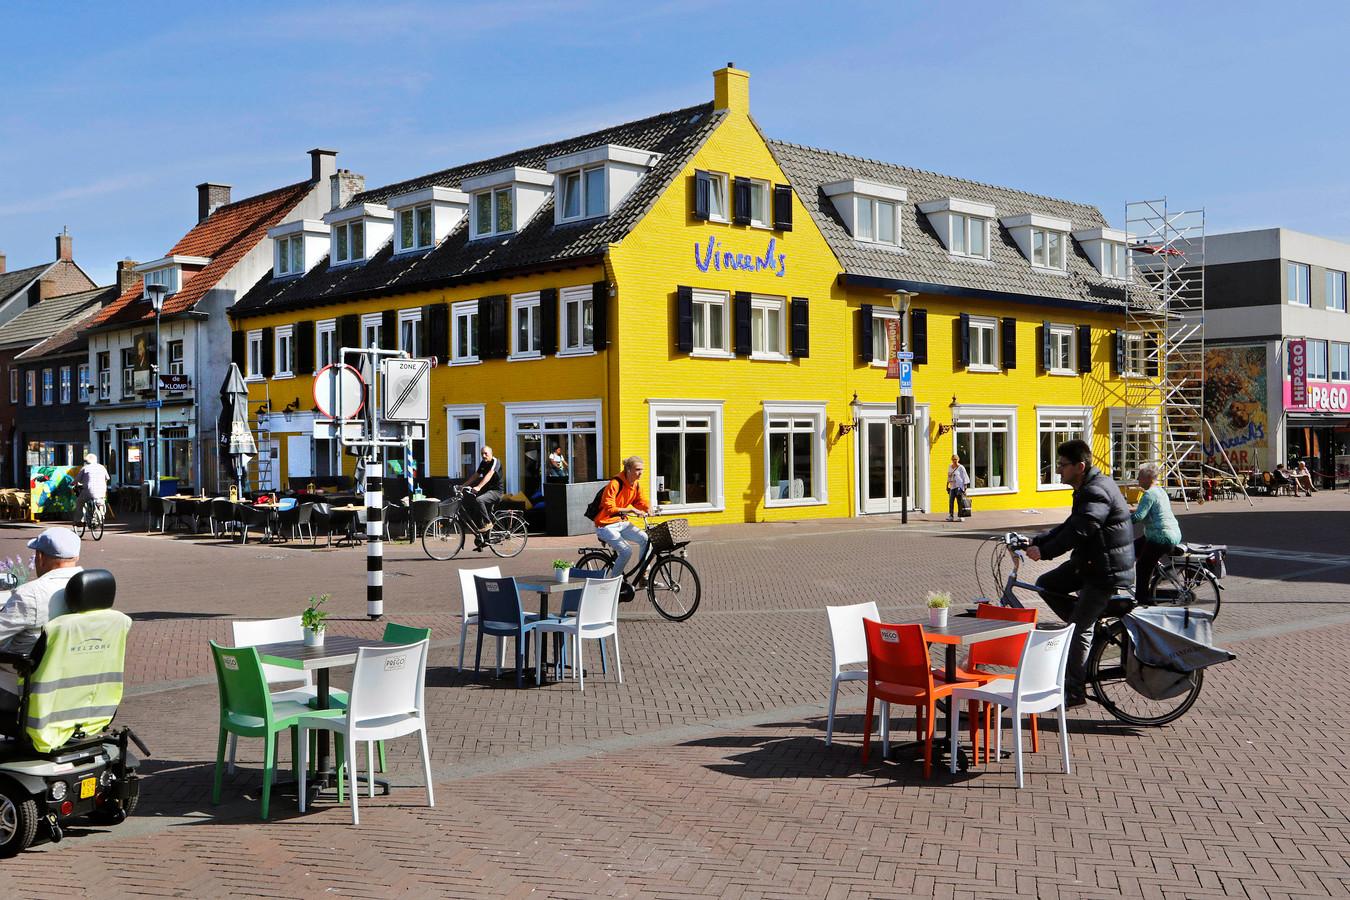 De geven val Vincents Bed & Bistro is geel geschilderd, als knipoog naar het verleden van Vincent van Gogh in Etten-Leur.